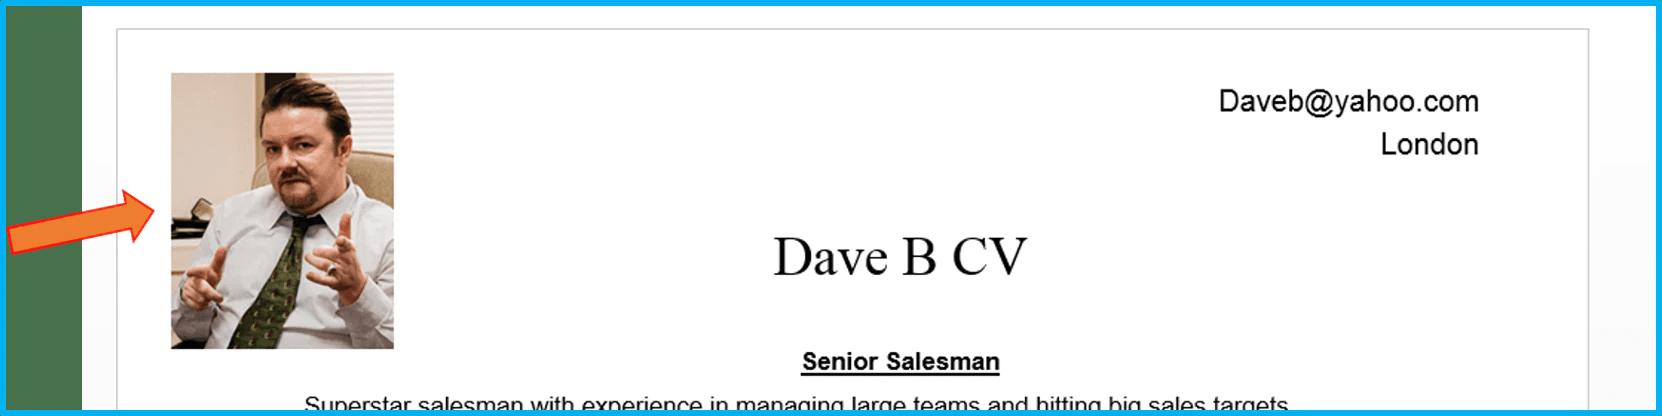 CV photo example